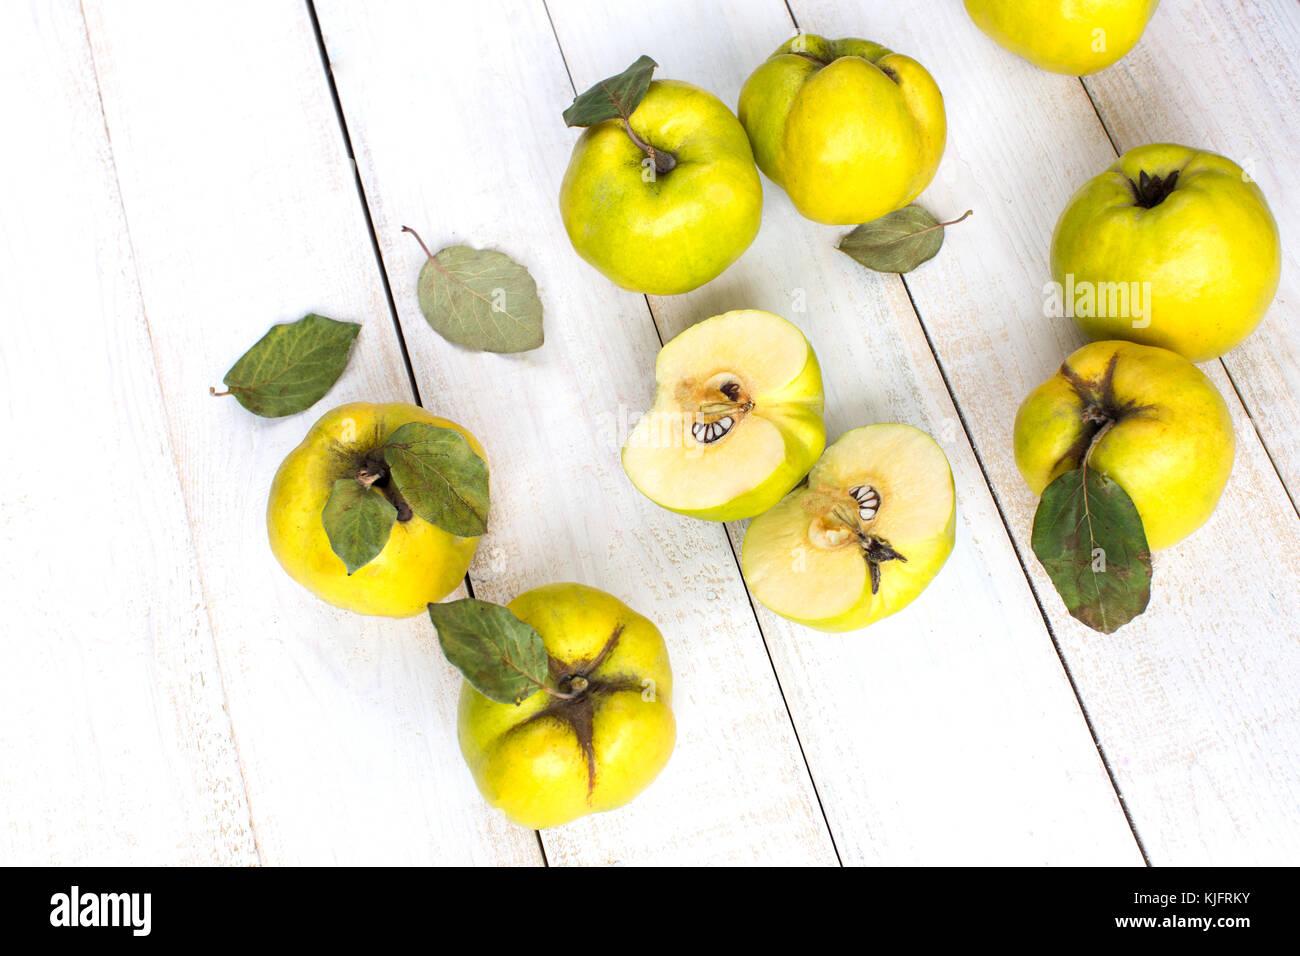 Behandlung Herbst Ernte Konzept Im Weißen Holz Oberfläche Der